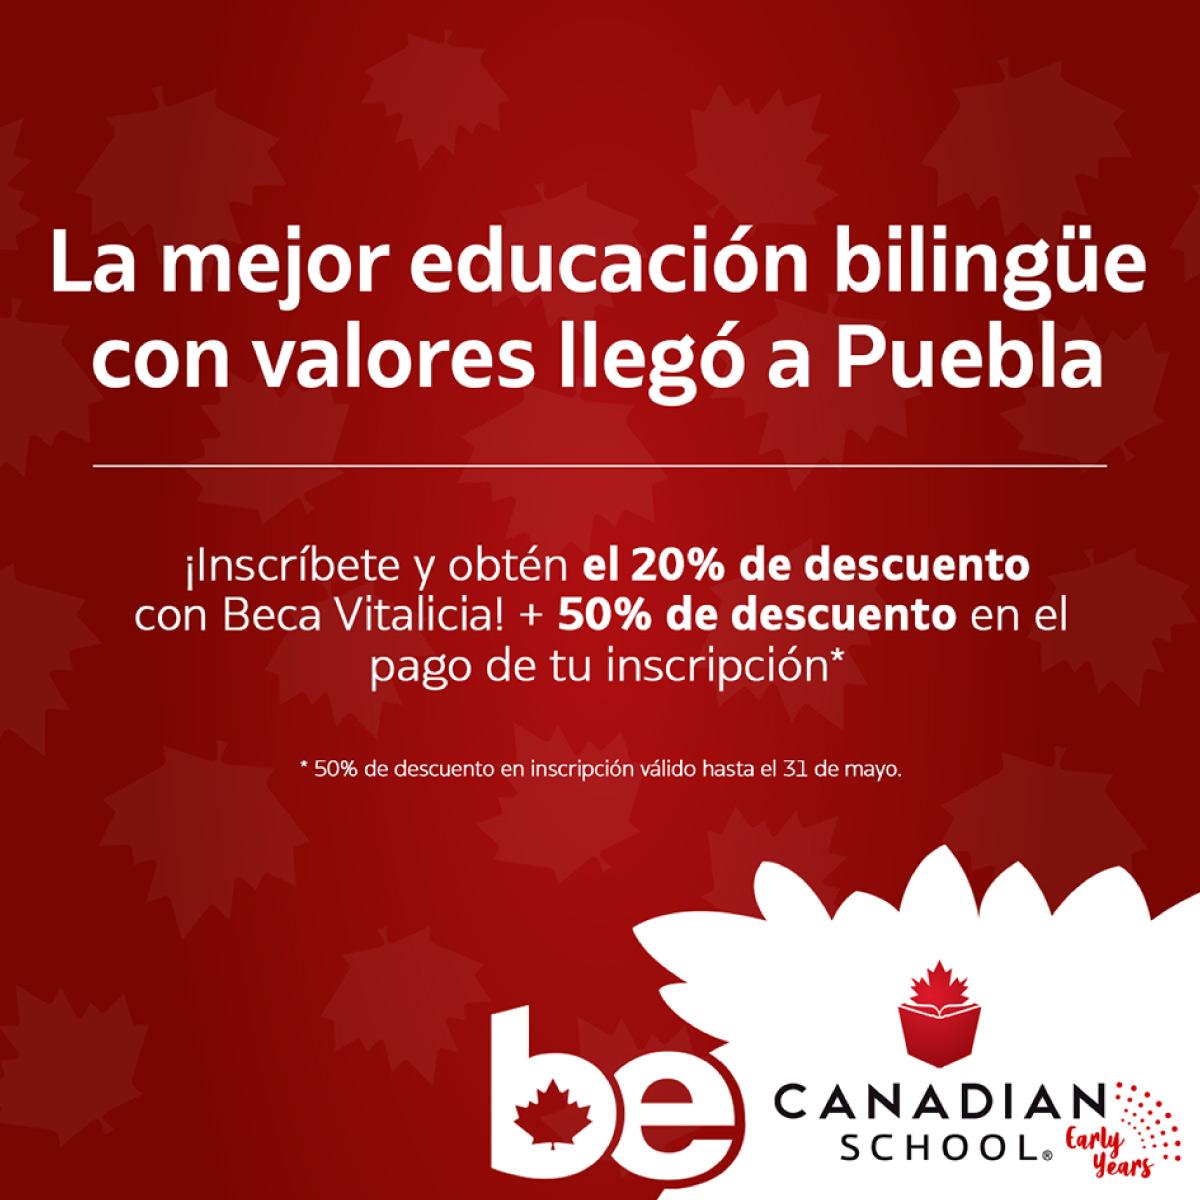 Promoción 7 De Canadian School Early Years